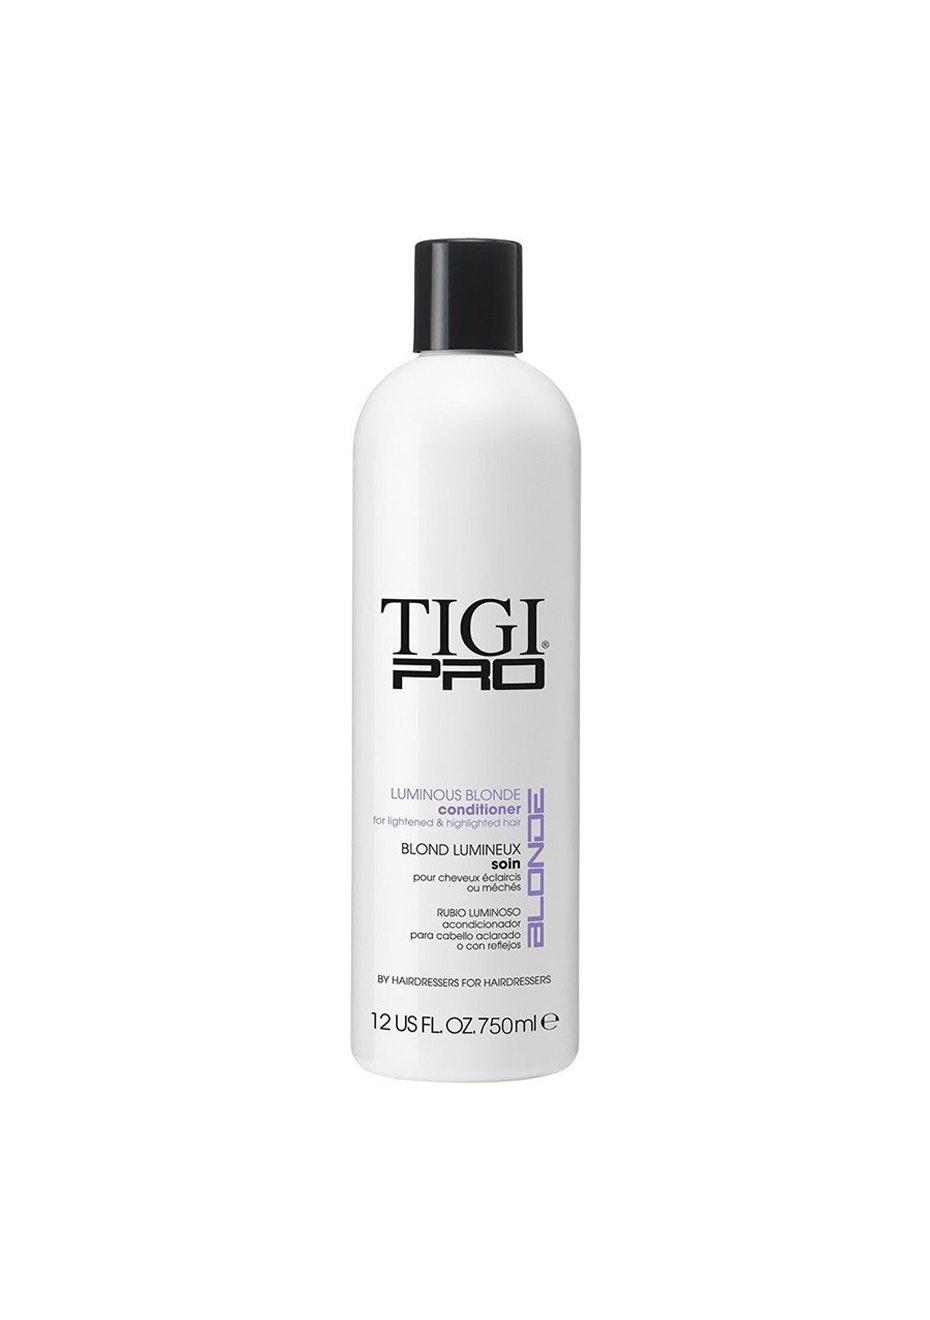 Tigi Pro Luminous Blonde Conditioner 750ml